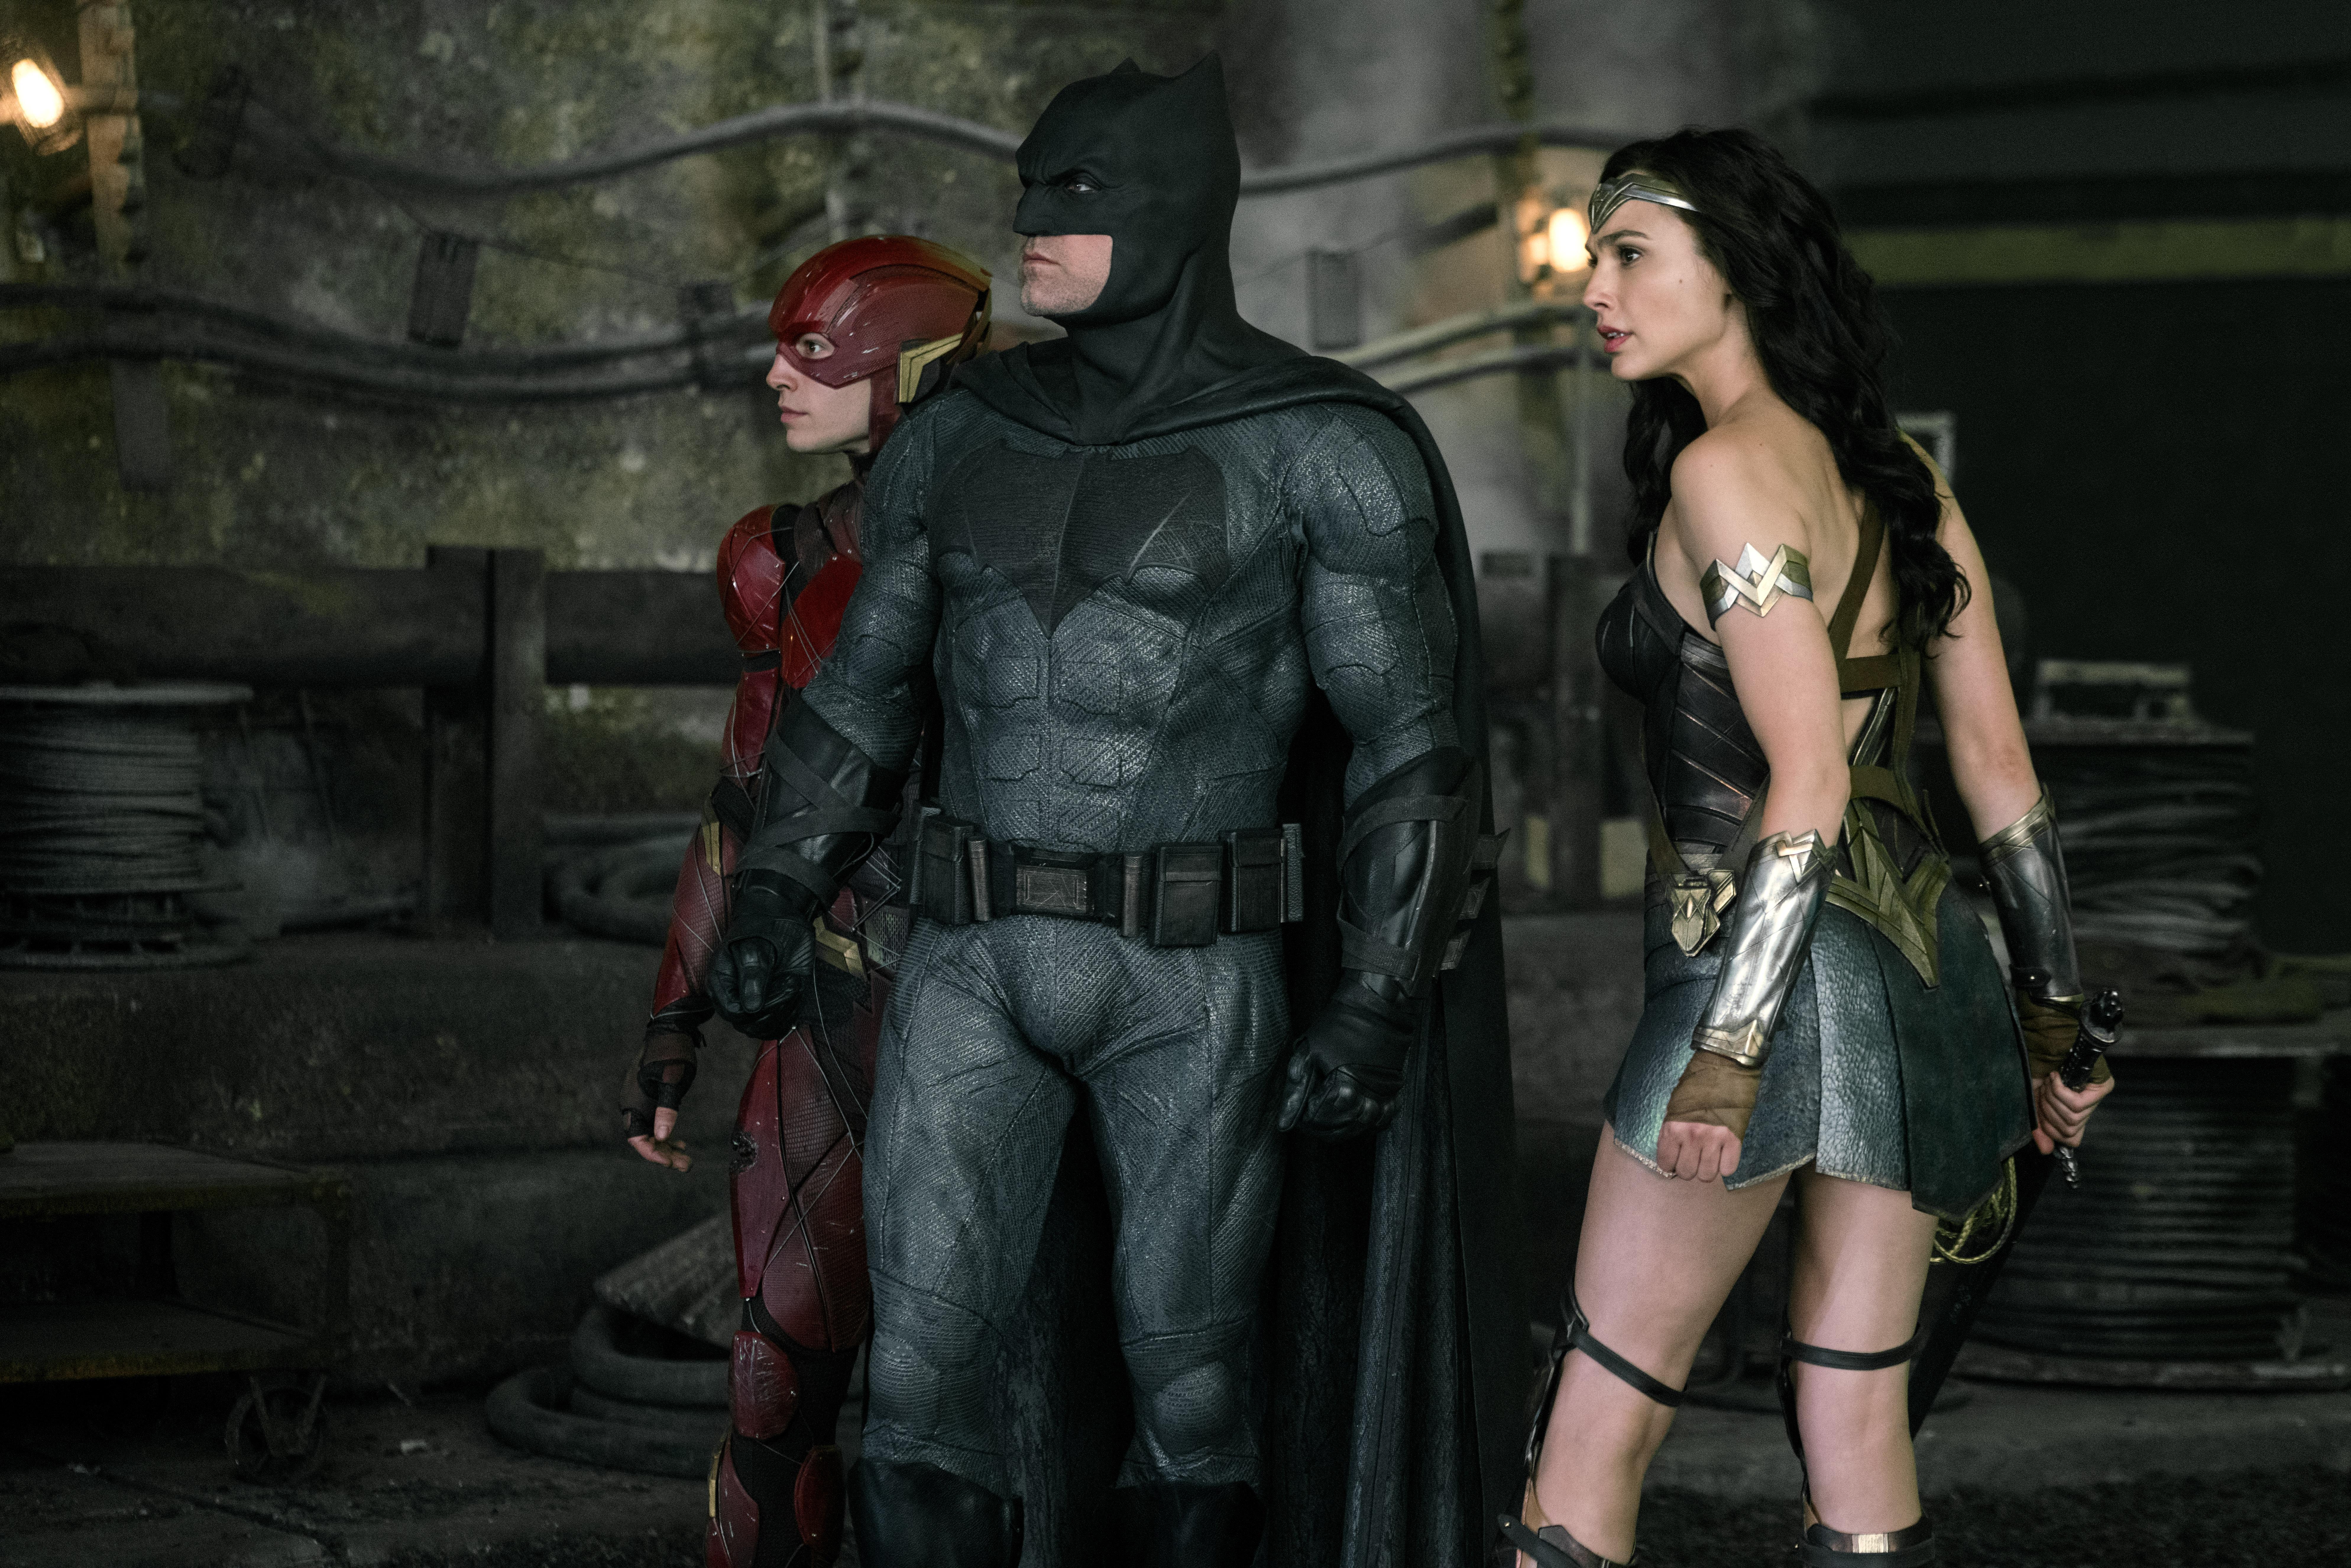 【正義聯盟Justice League】DC再起就靠這部?超能力者同盟團隊組成!